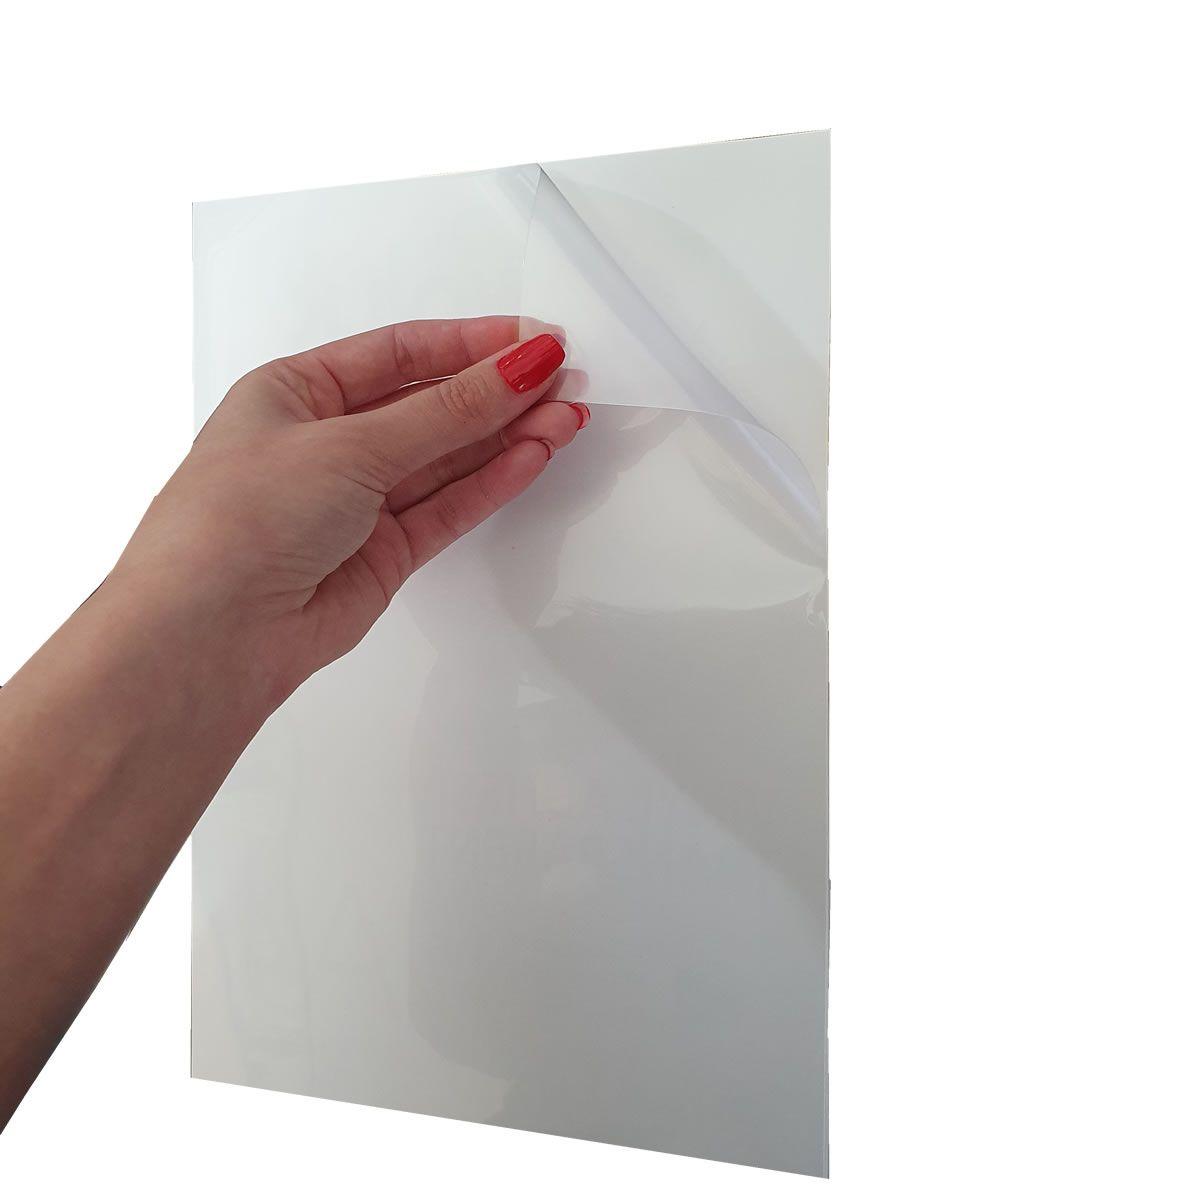 Adesivo Vinil Transparente 115gr para Jato de Tinta Inkjet 20 folhas A4 Evolut